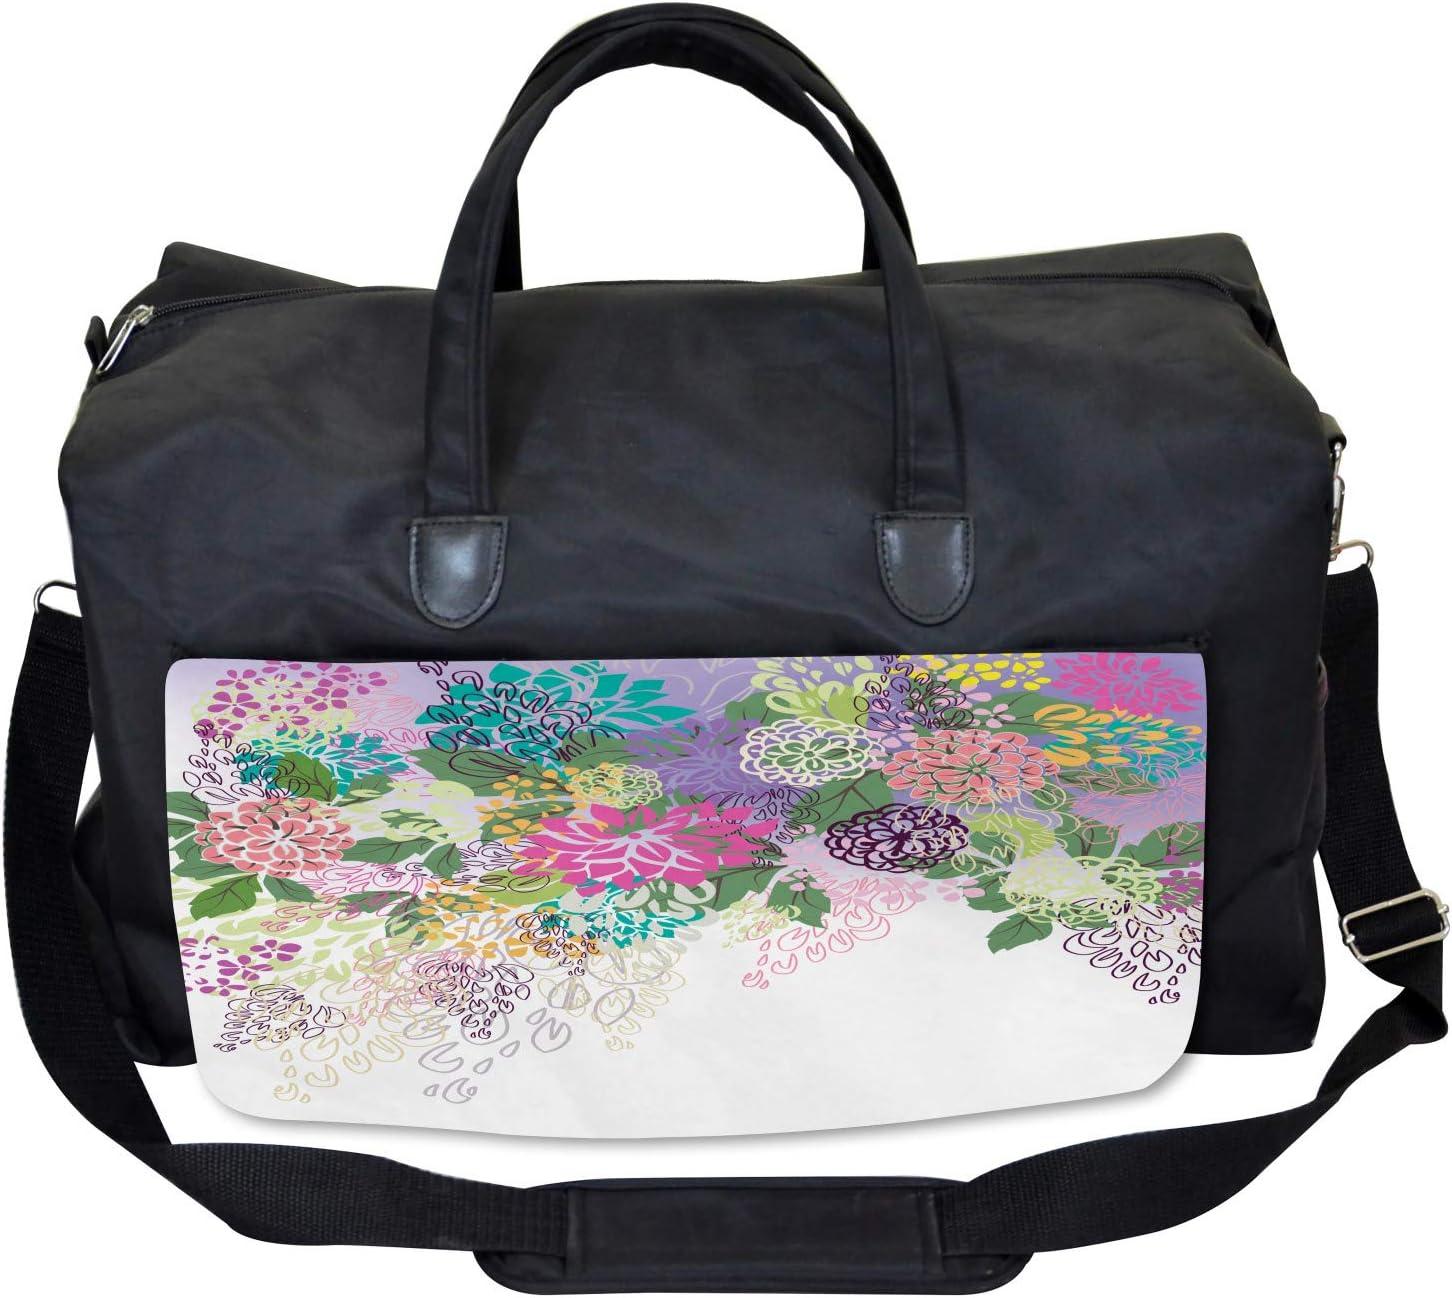 Vintage Boho Inspiration Ambesonne Flower Gym Bag Large Weekender Carry-on